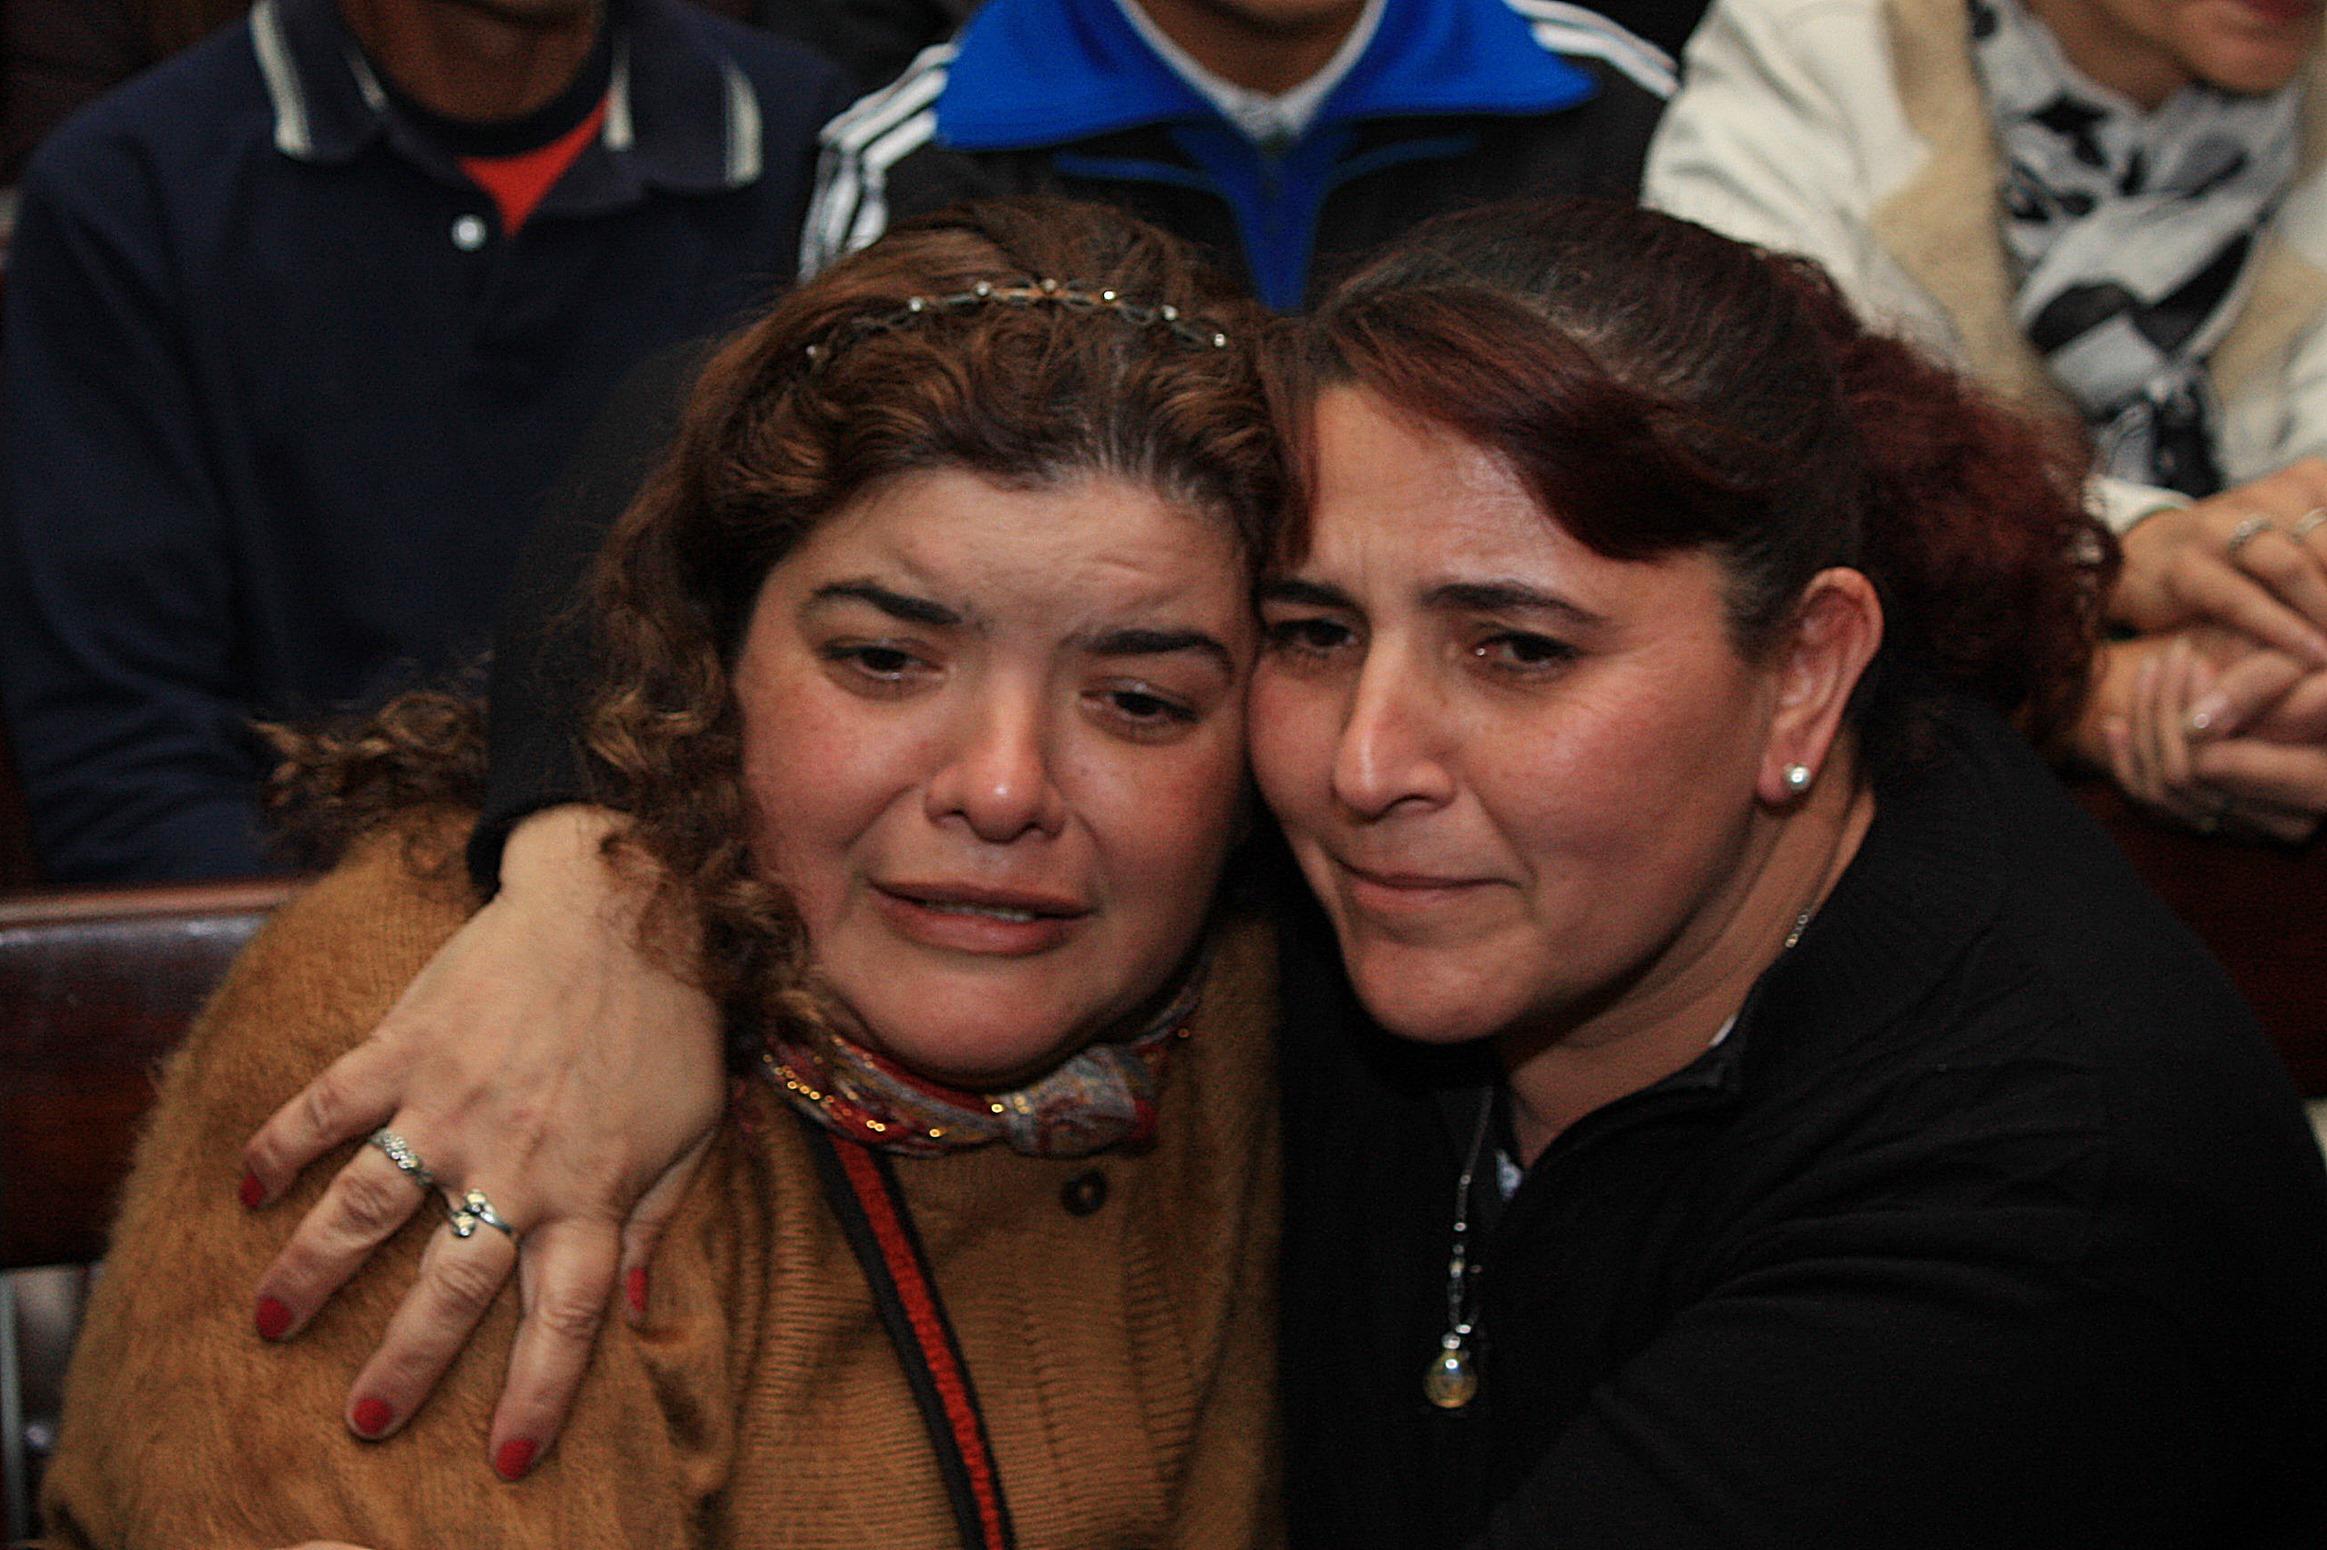 Isabel de la Cruz, cuñada de Ismael, emocionada tras escuchar la decisión del tribunal.